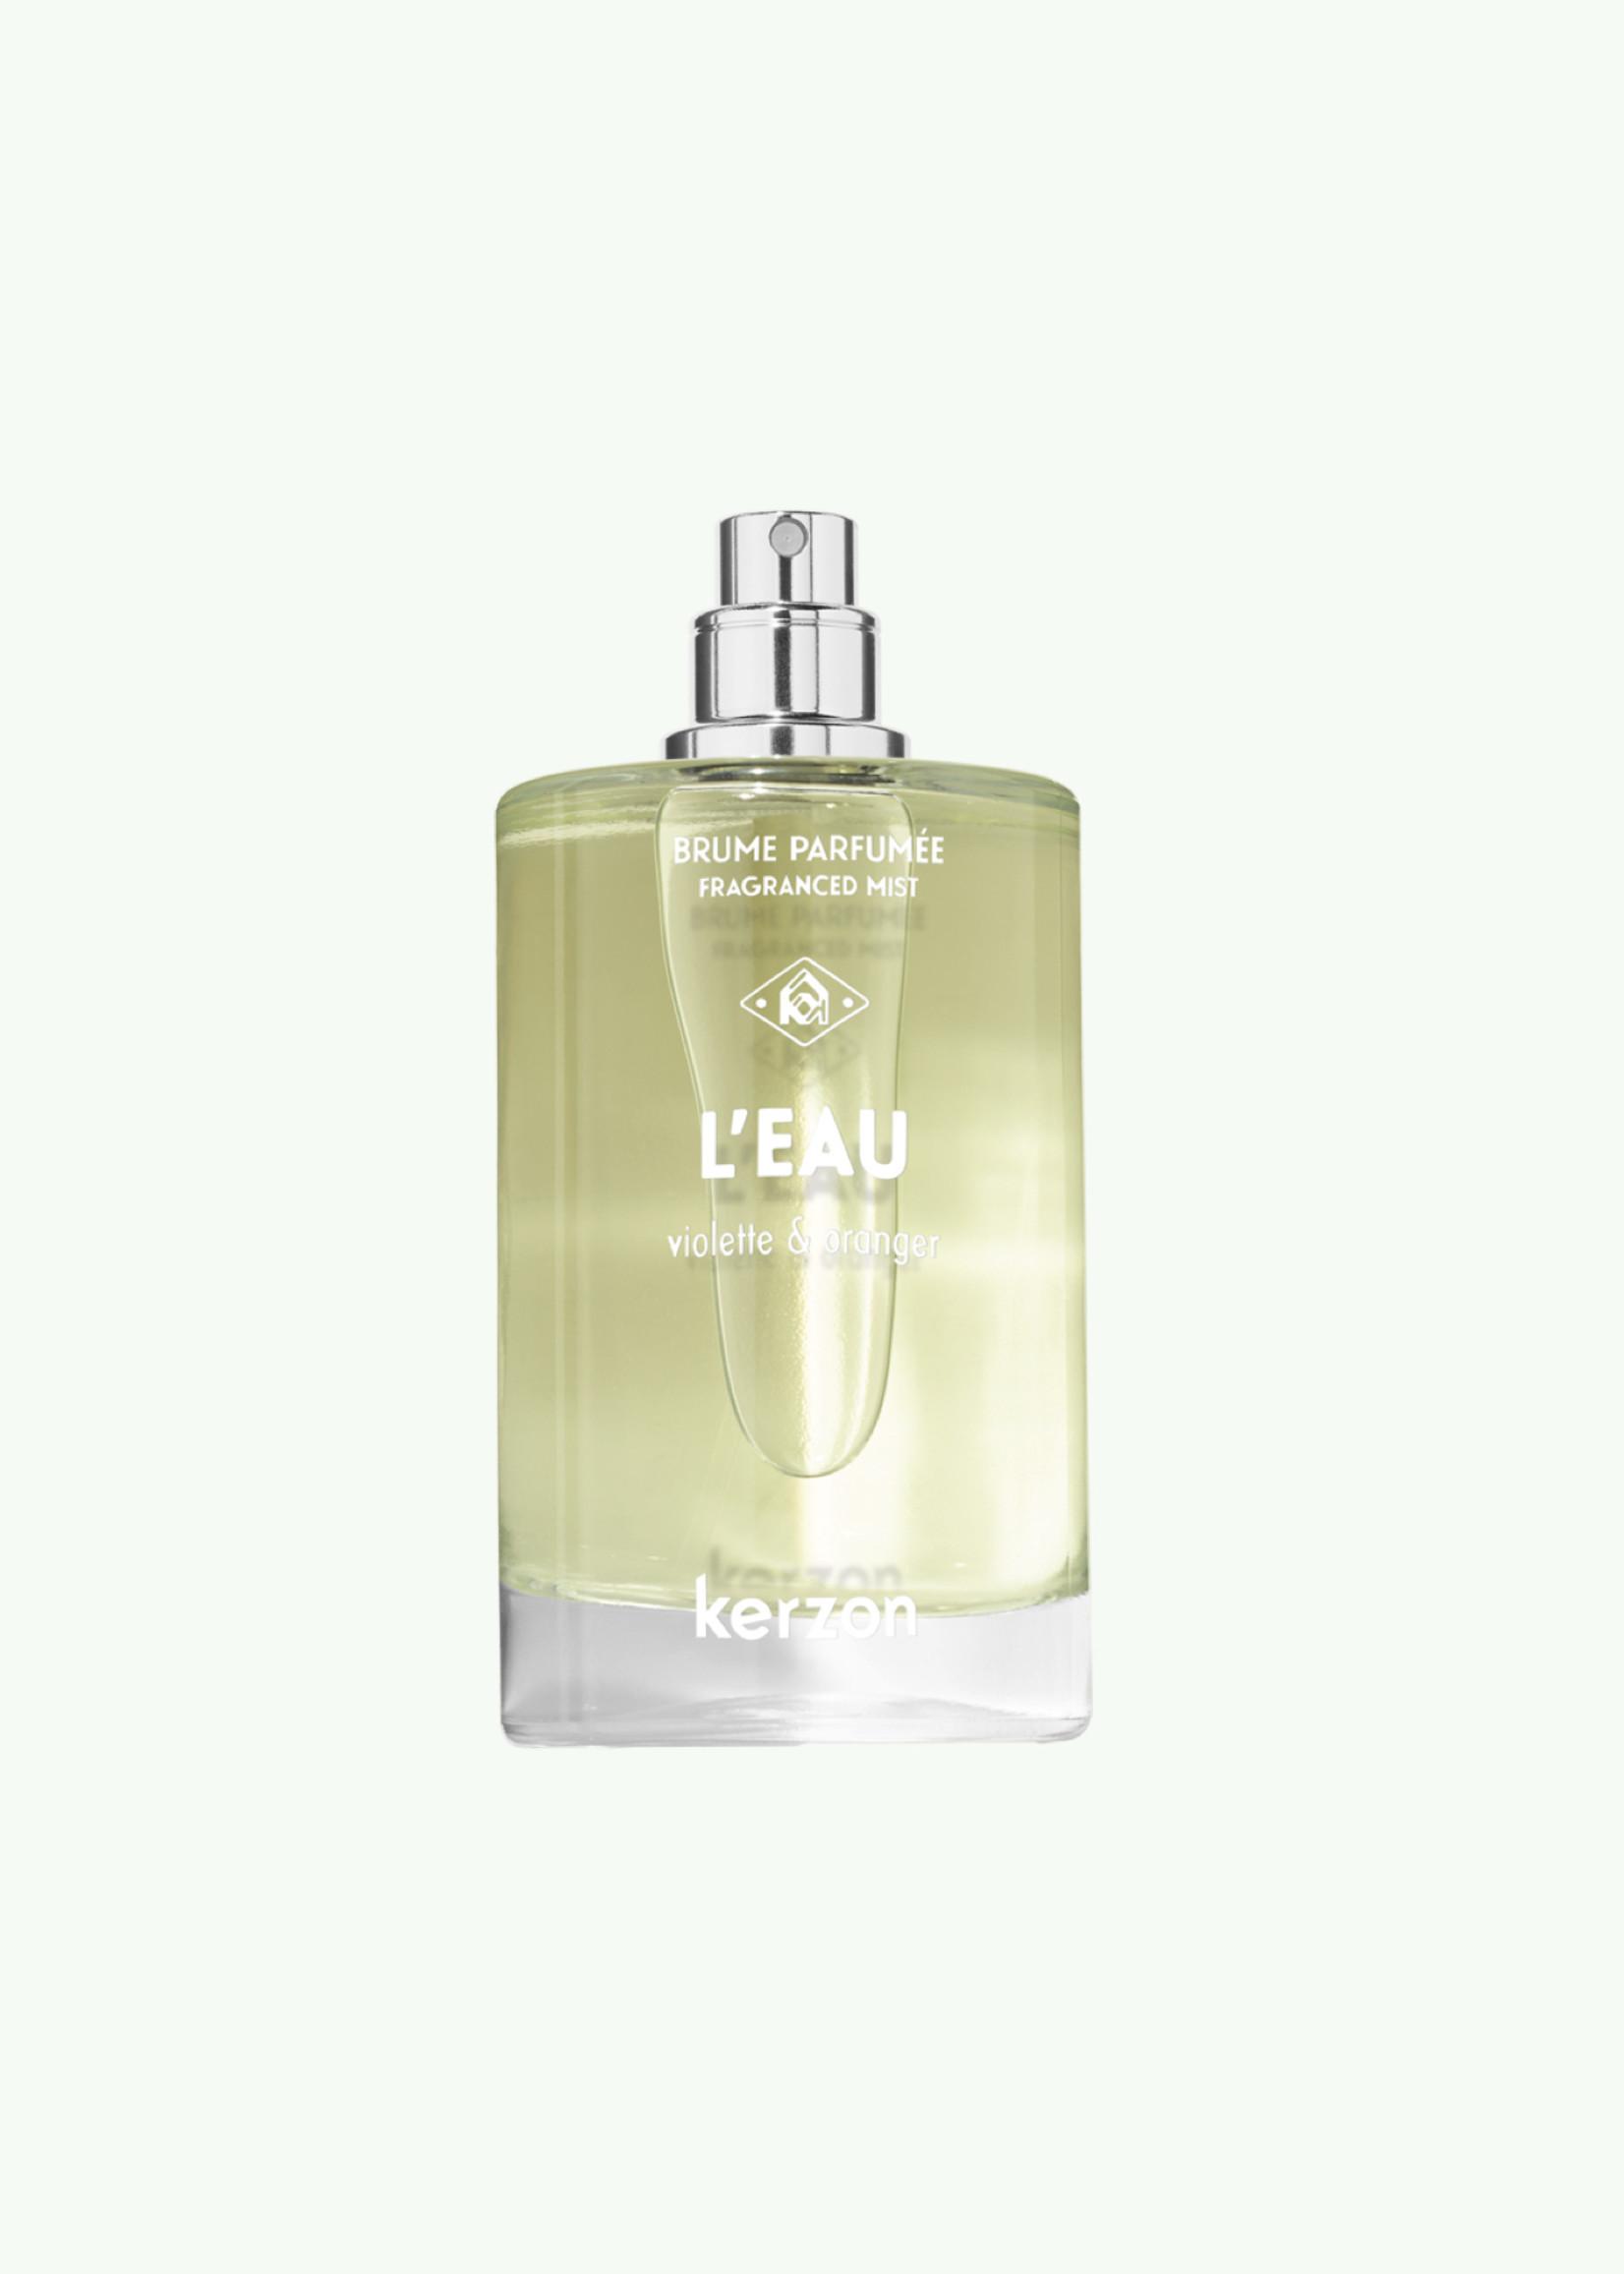 Kerzon Kerzon - L'eau - Brume Parfumée